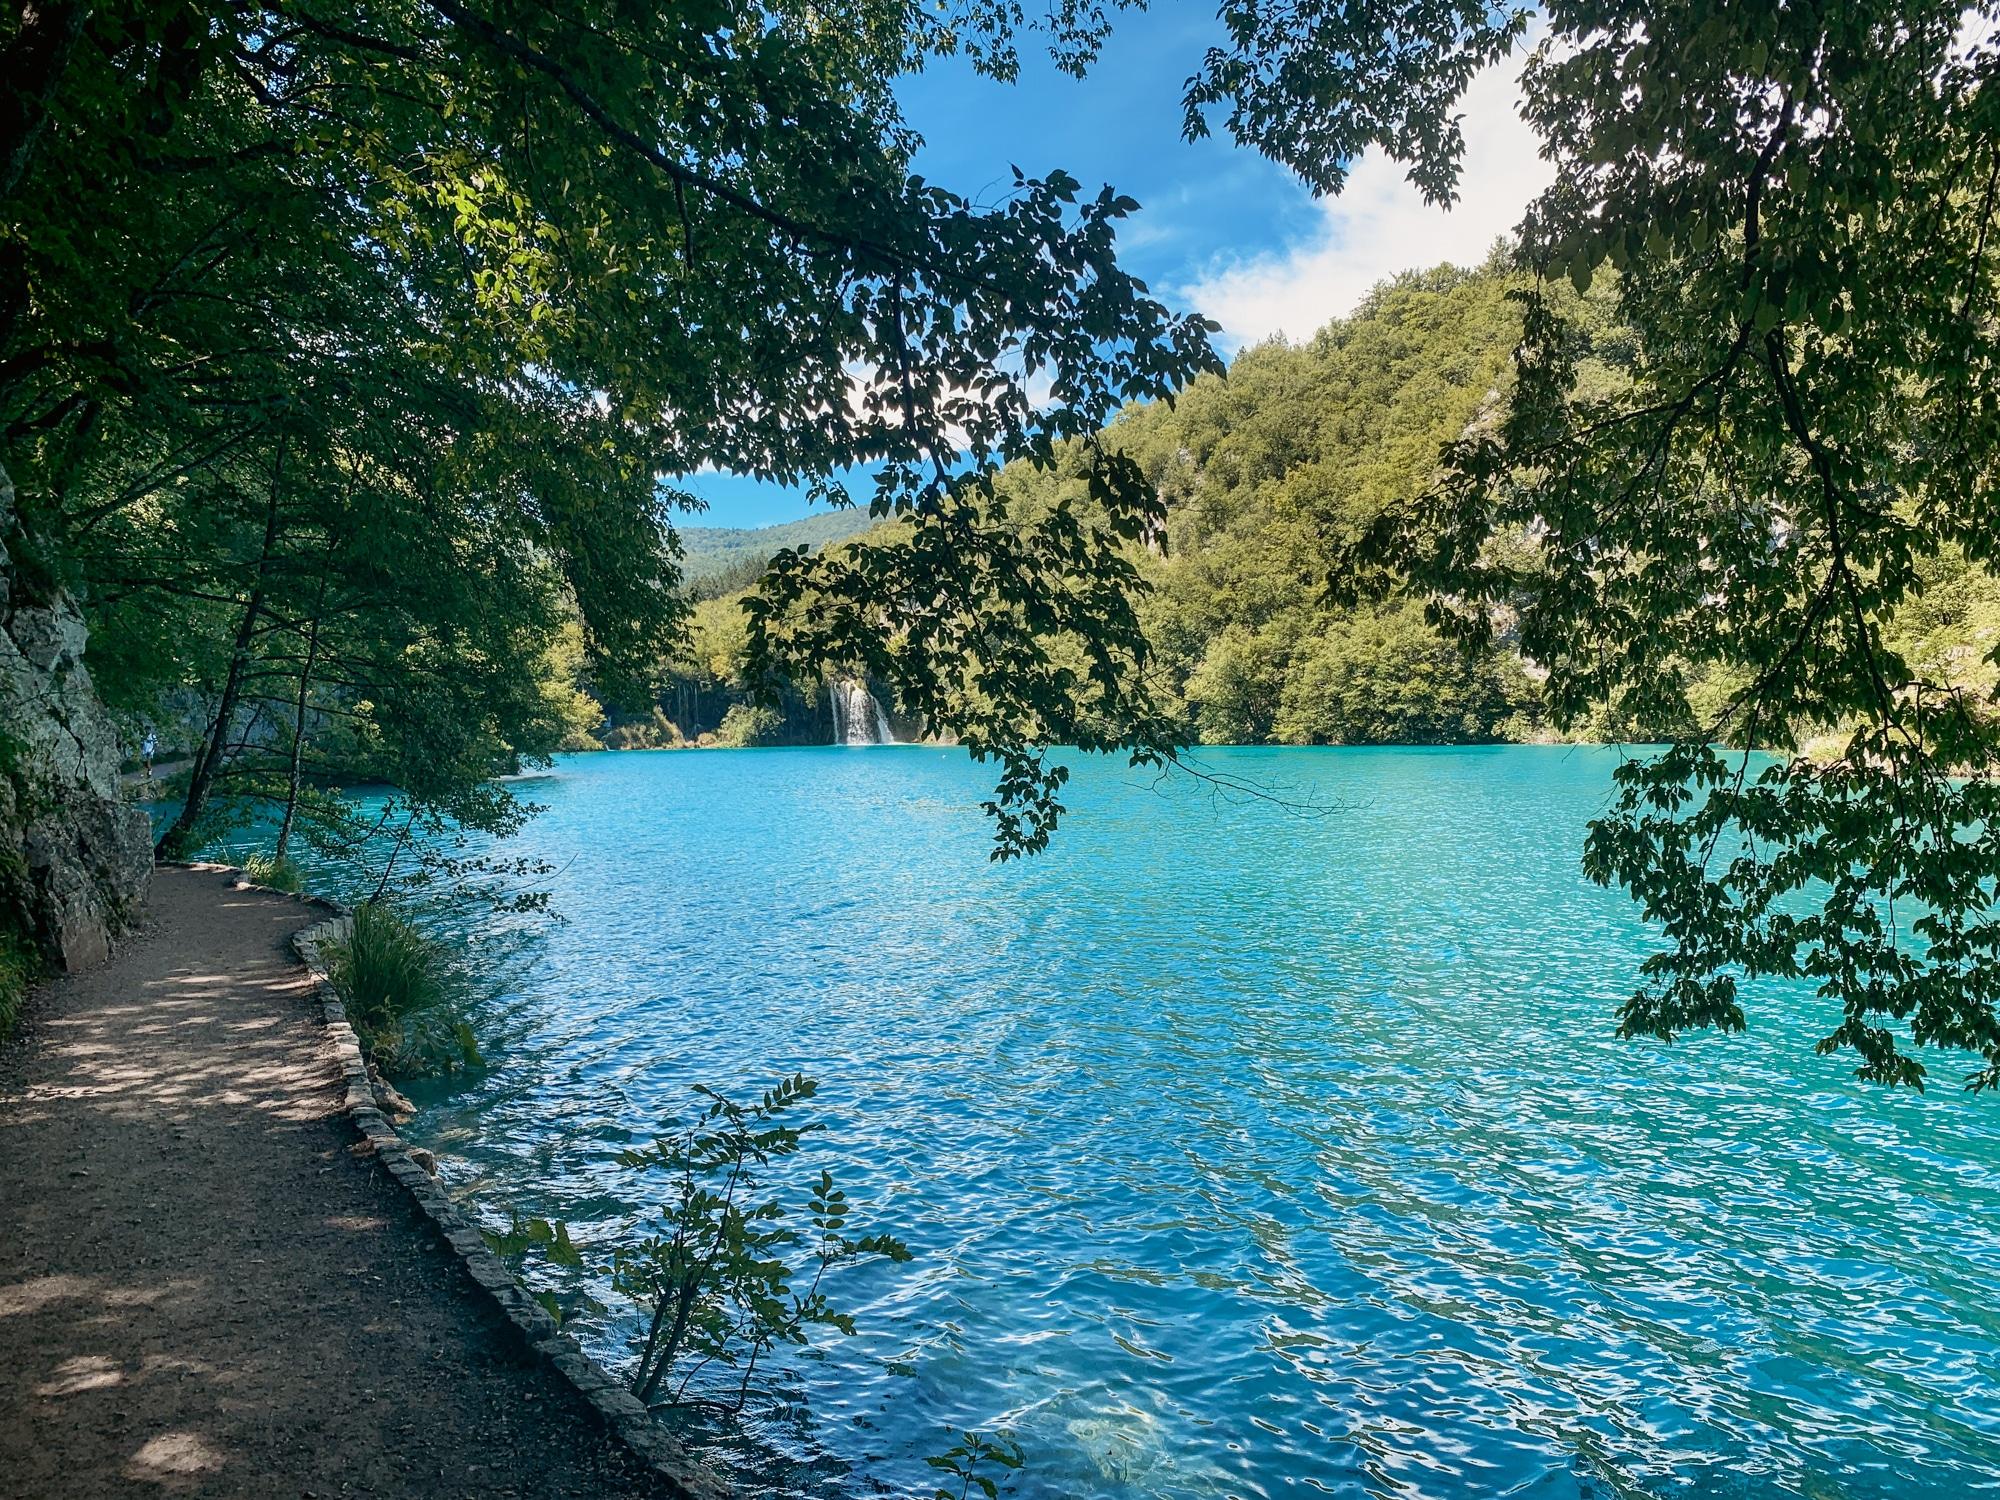 Nationalpark Plitvicer Seen: Tipps für den schönsten Kroatien Nationalpark - Holzsteg rote Route